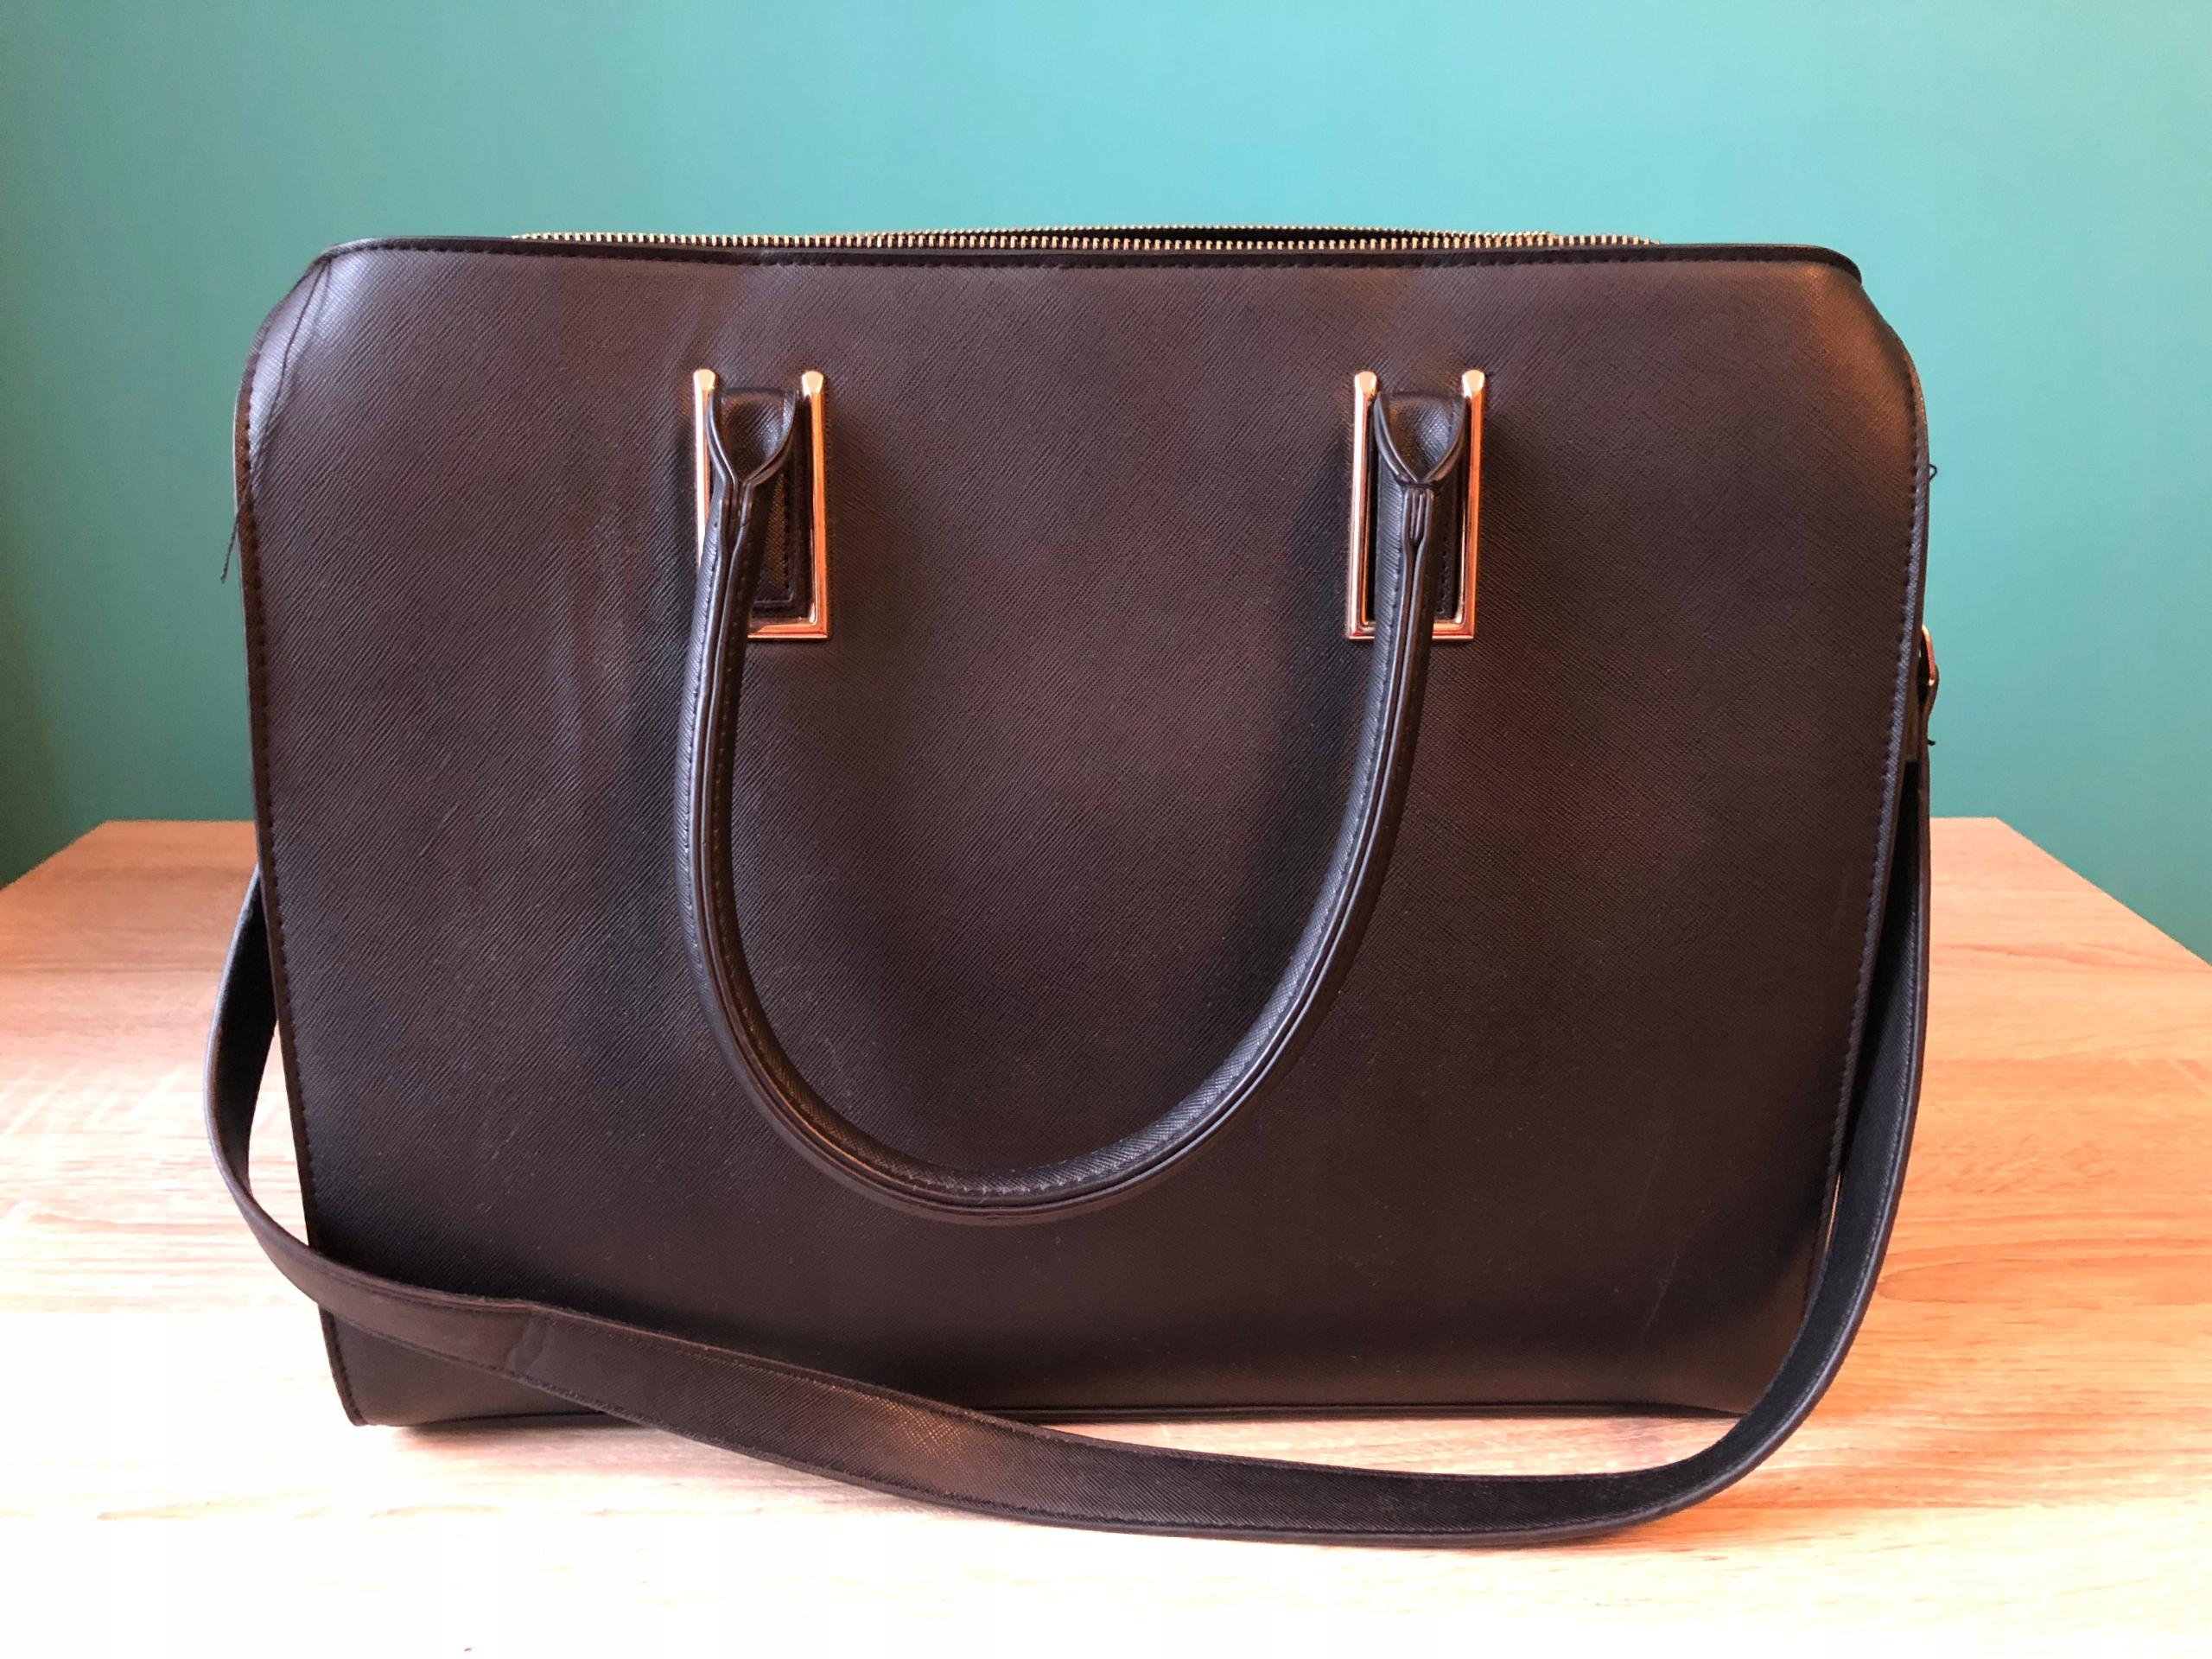 109e02c9bcda4 nowe torebki w Oficjalnym Archiwum Allegro - Strona 23 - archiwum ofert